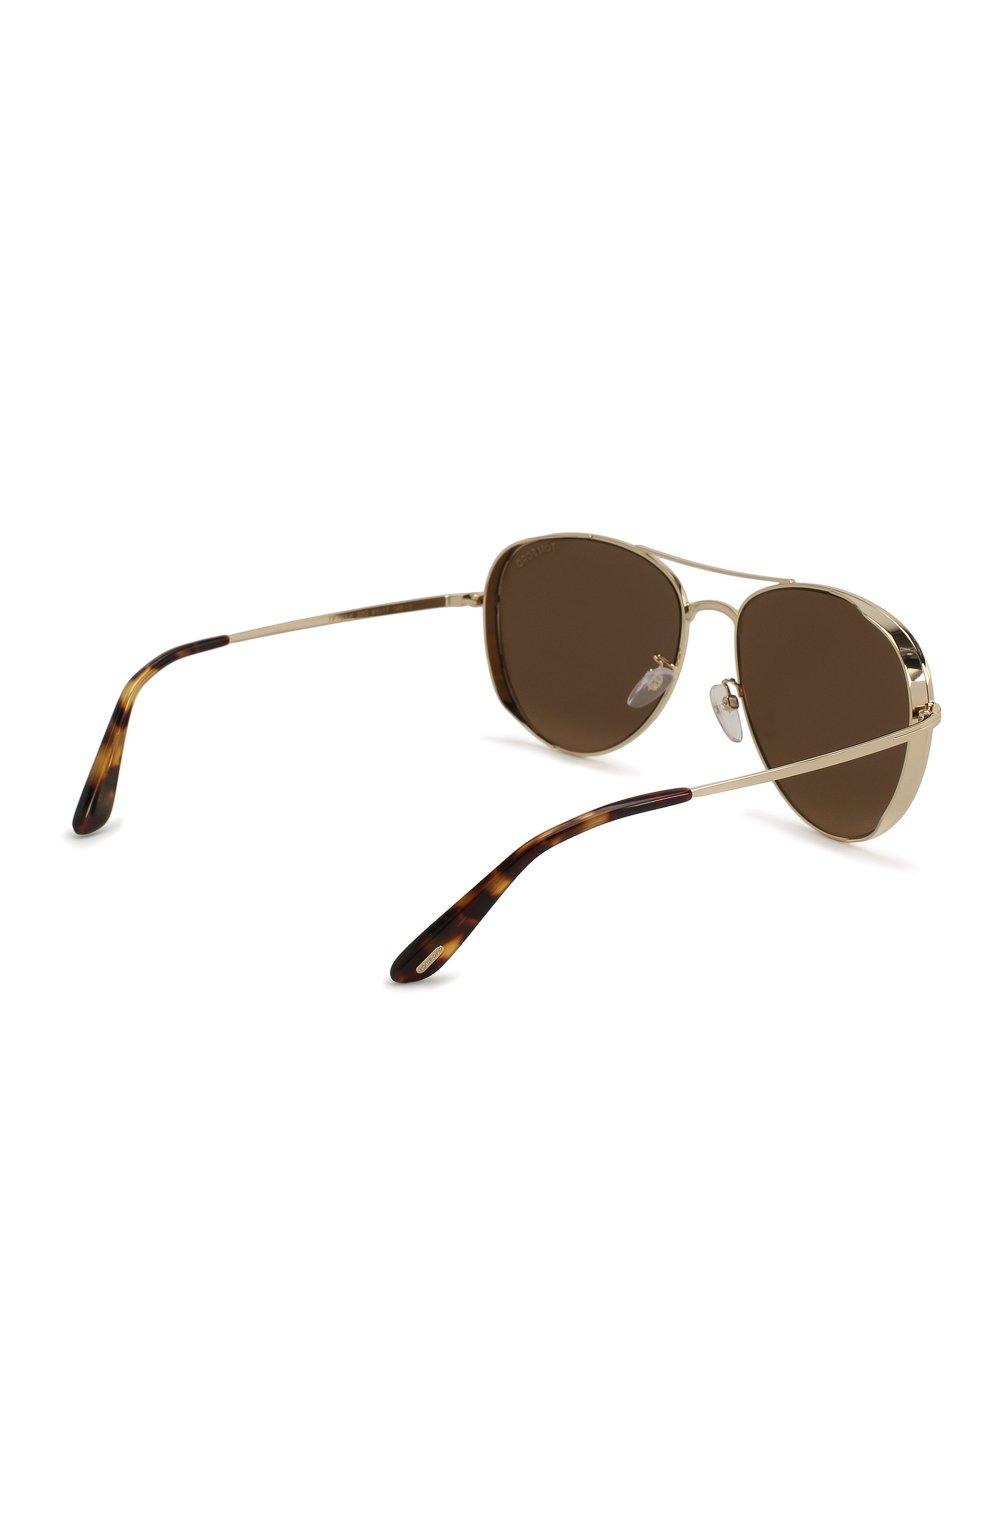 Женские солнцезащитные очки TOM FORD золотого цвета, арт. TF723-K 32G | Фото 5